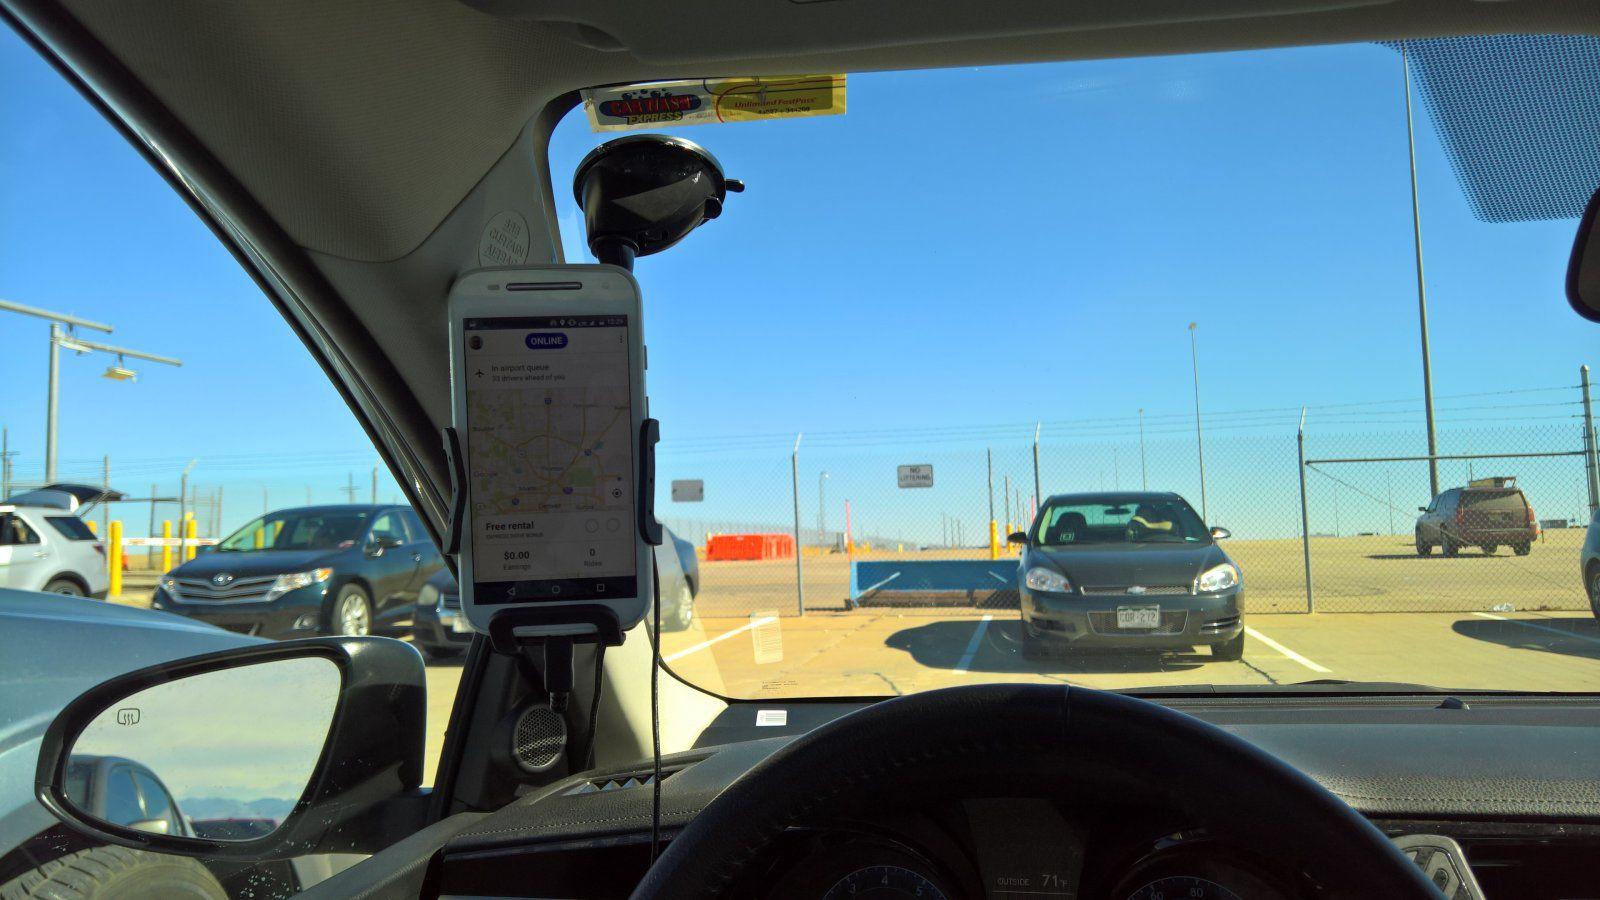 آموزش نصب هولدر موبایل در سمت پنجره راننده